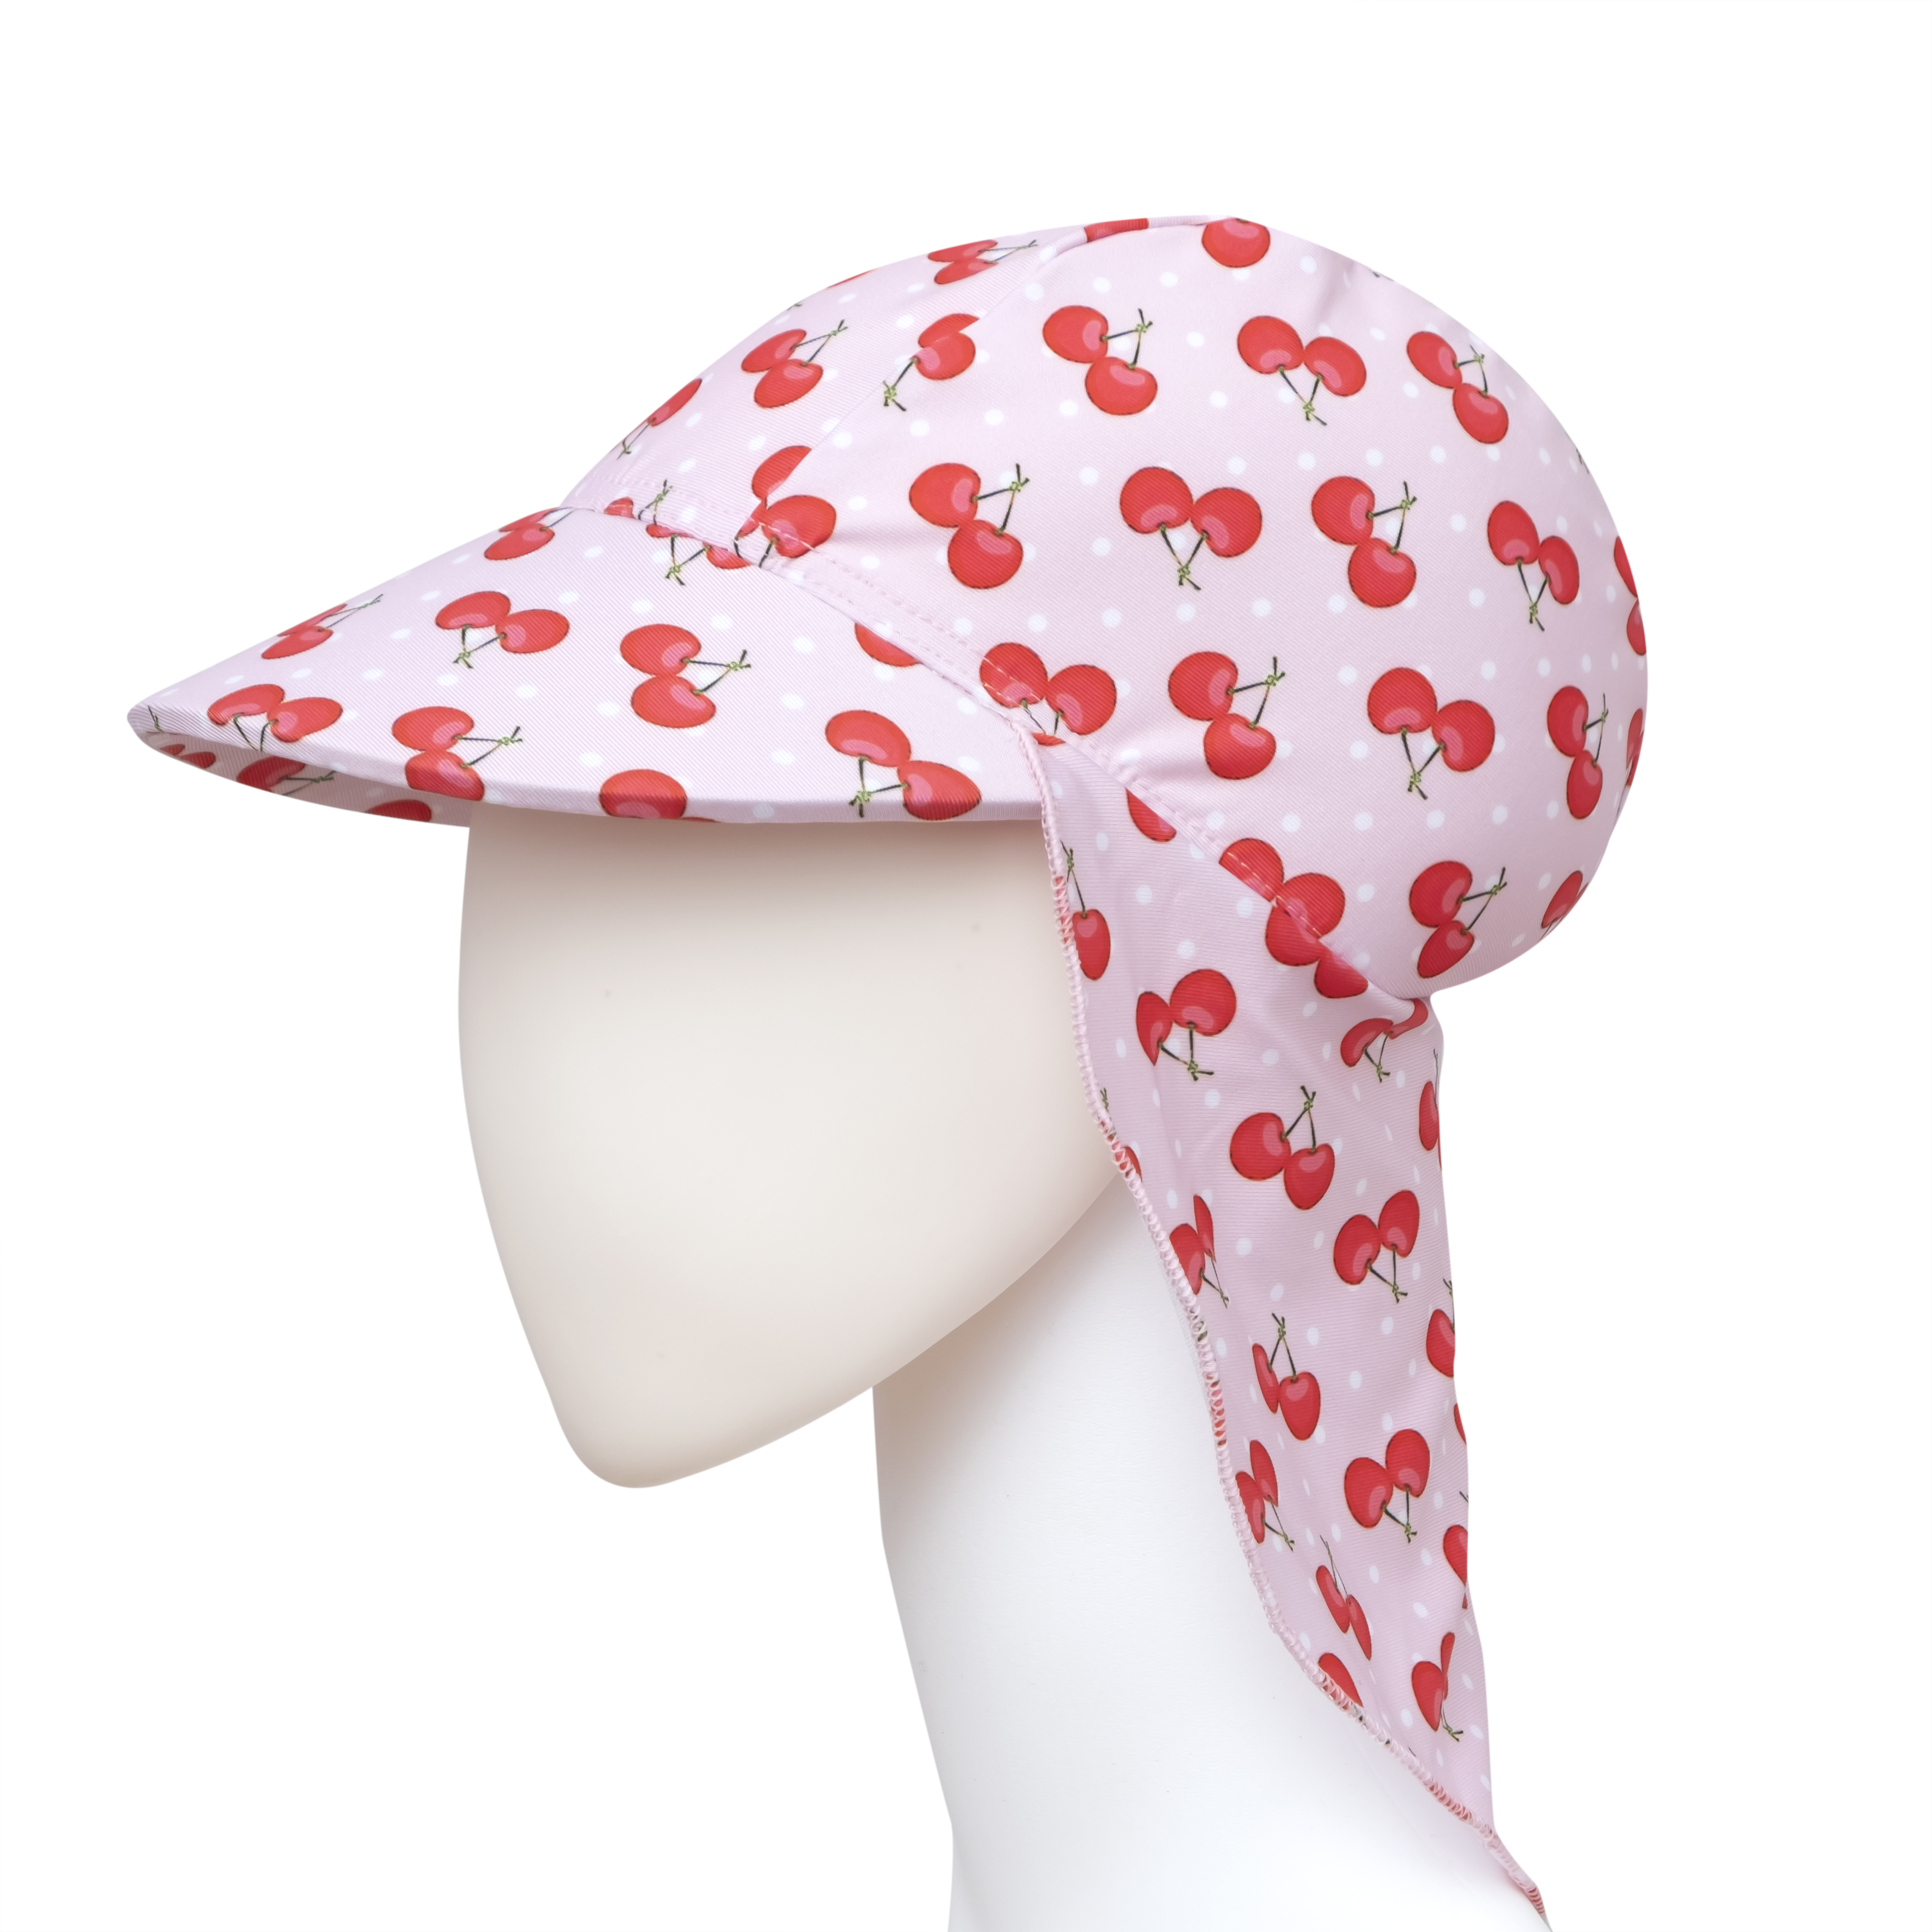 Cherry Bademütze - Schirmmütze - Schwimmmütze